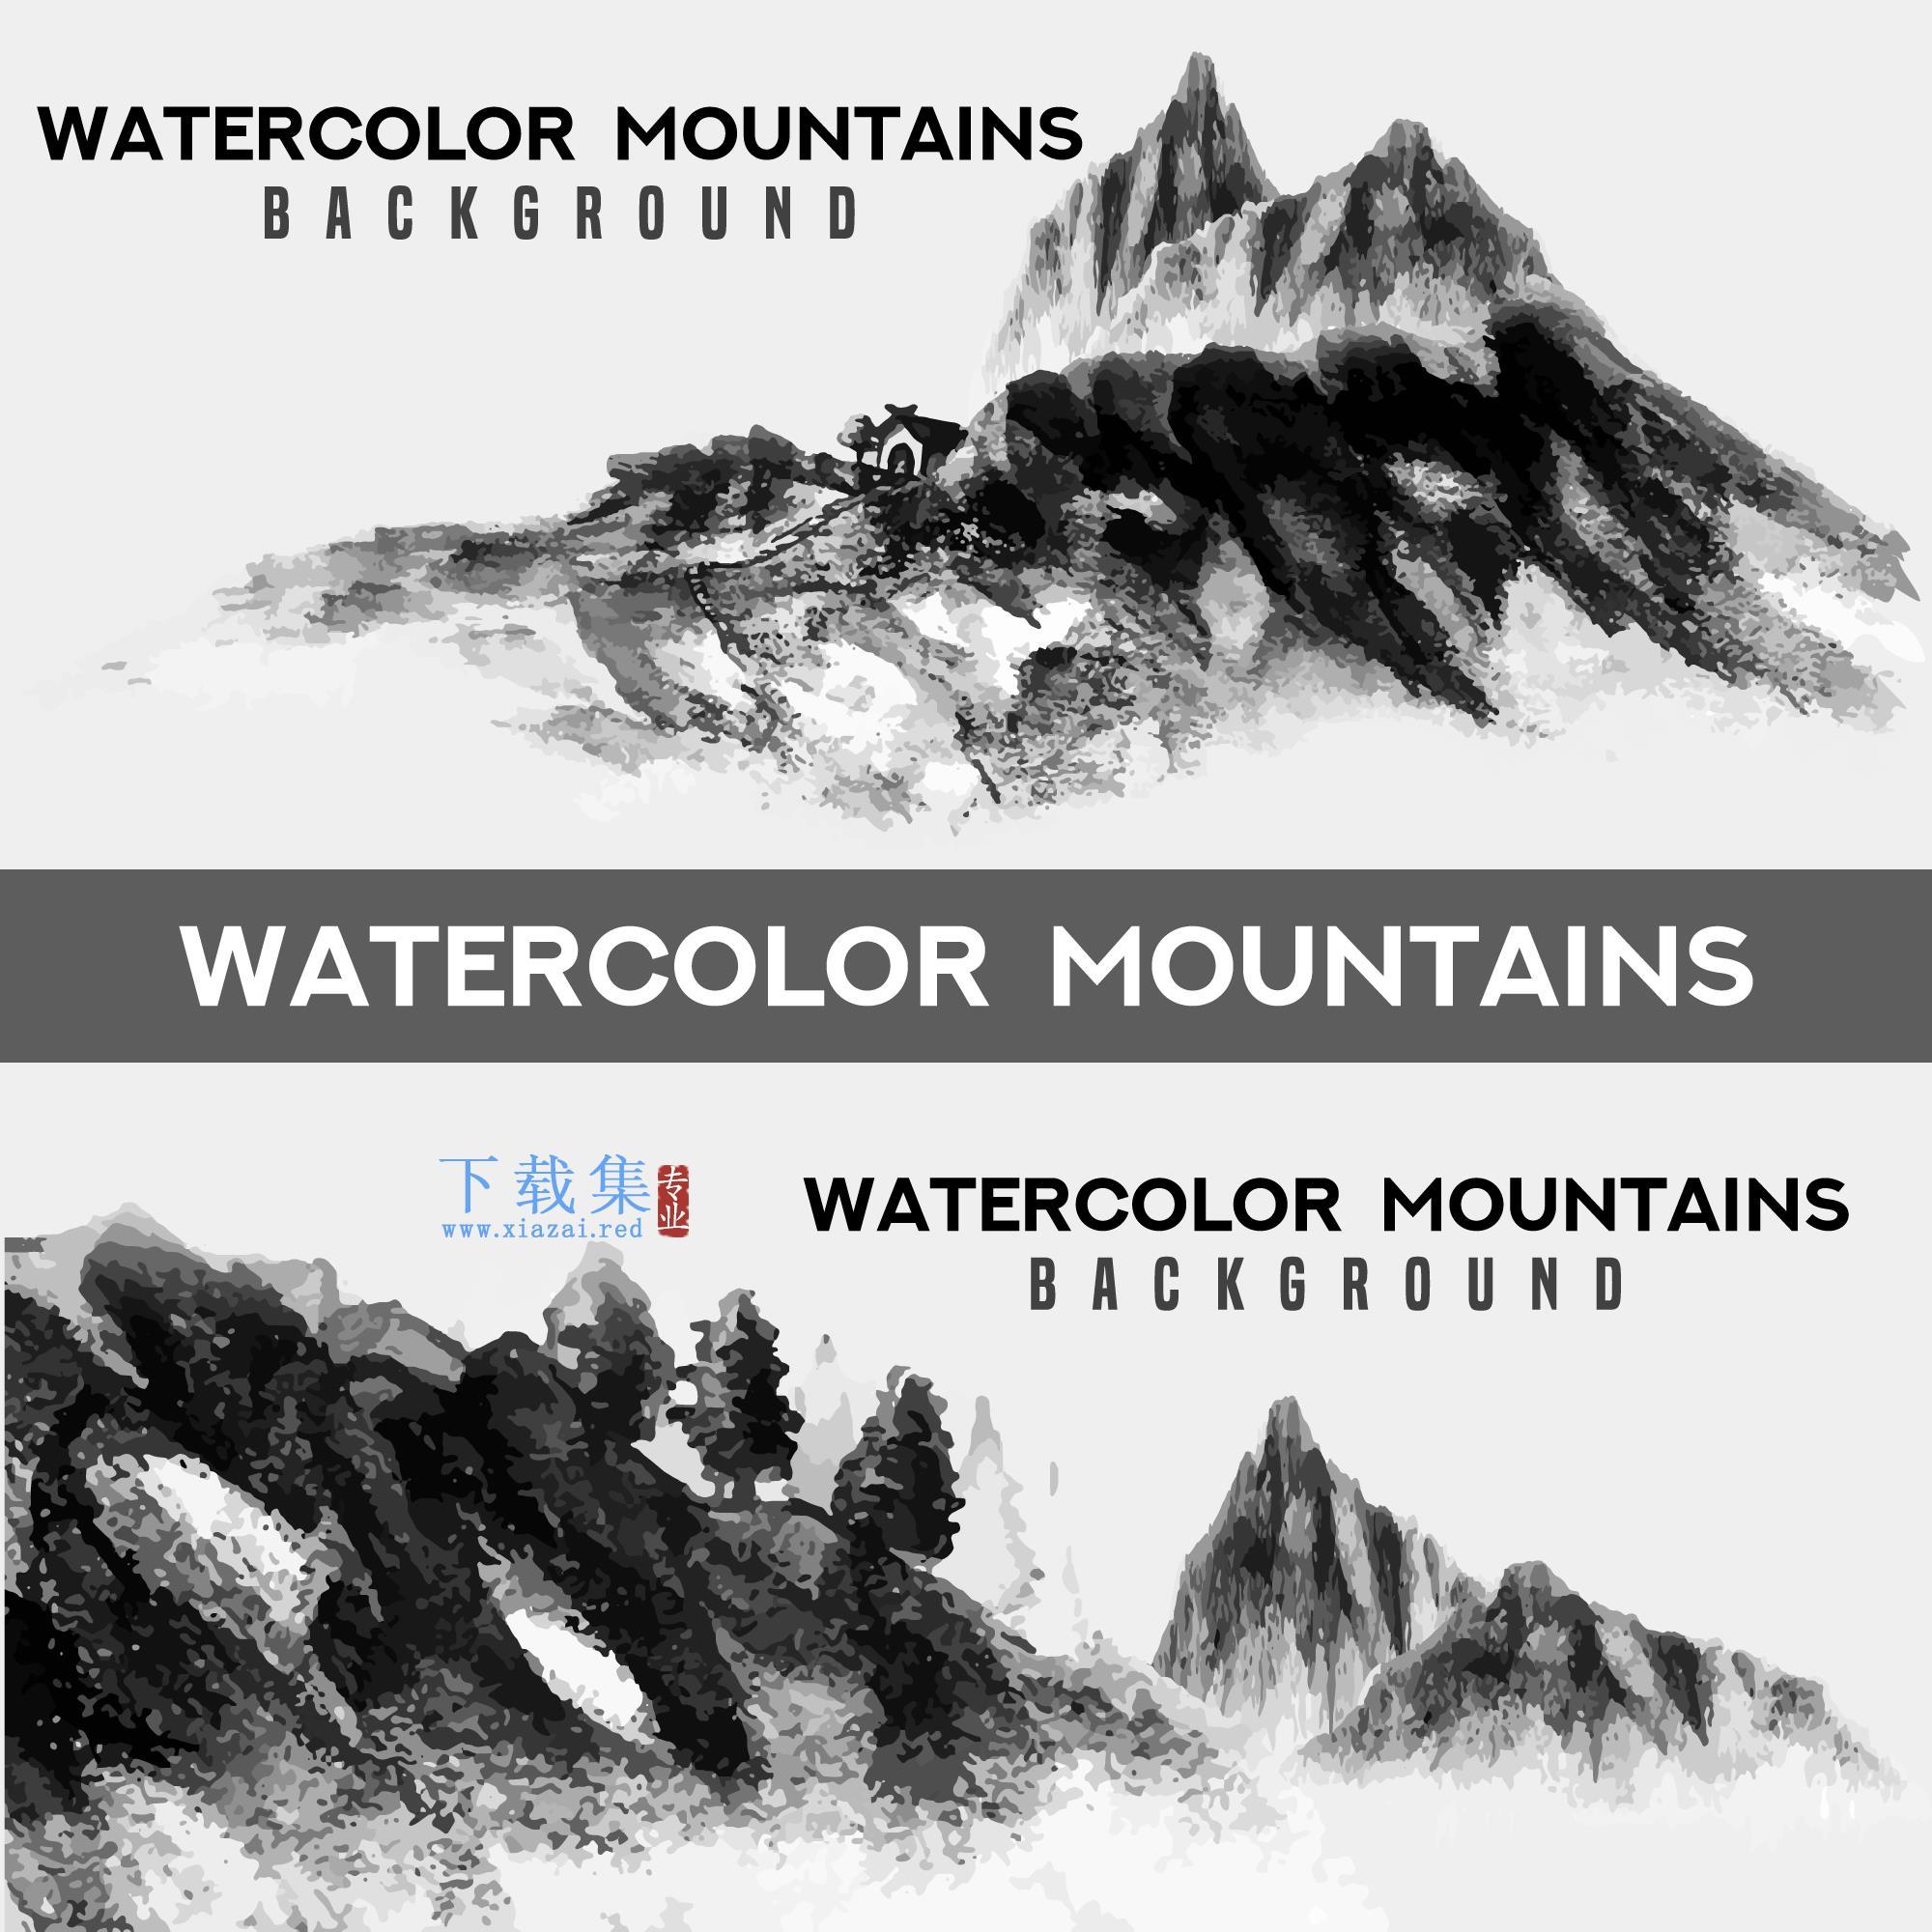 水彩画山水背景AI矢量素材